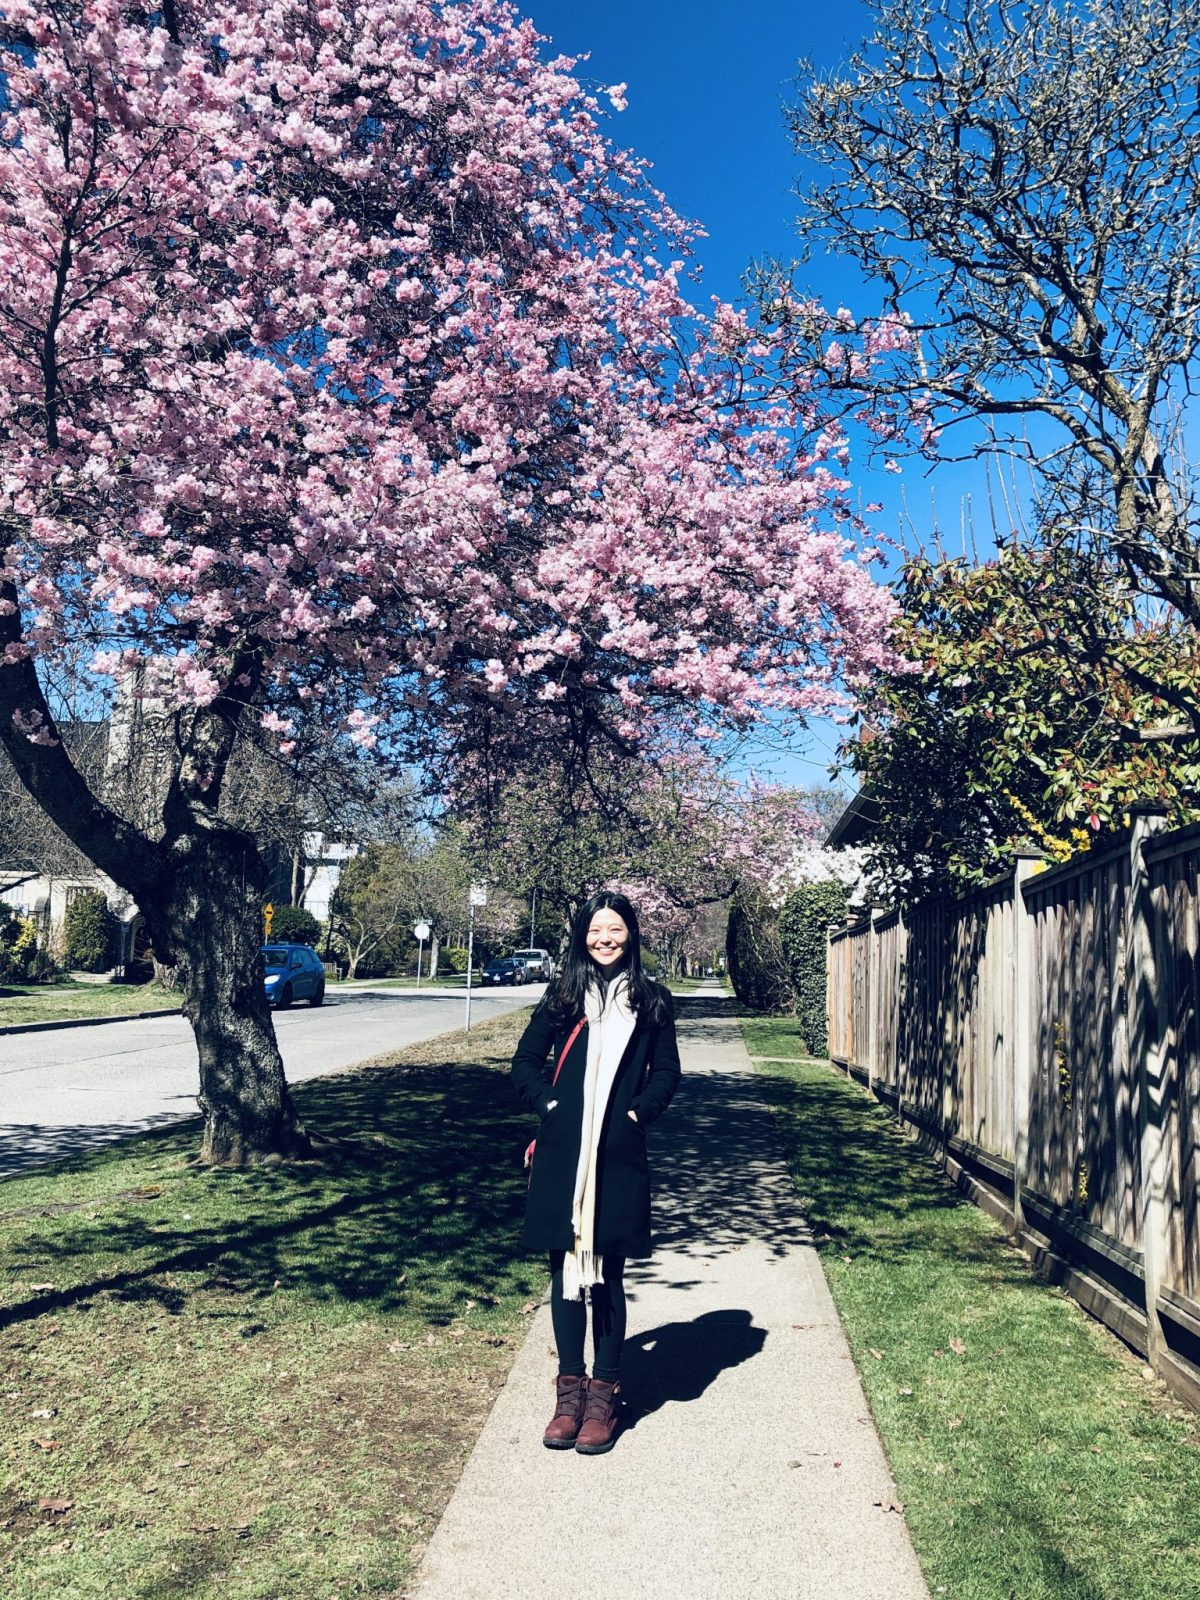 2019溫哥華最浪漫的季節 來去尋找櫻花-賞櫻地圖、櫻花節活動